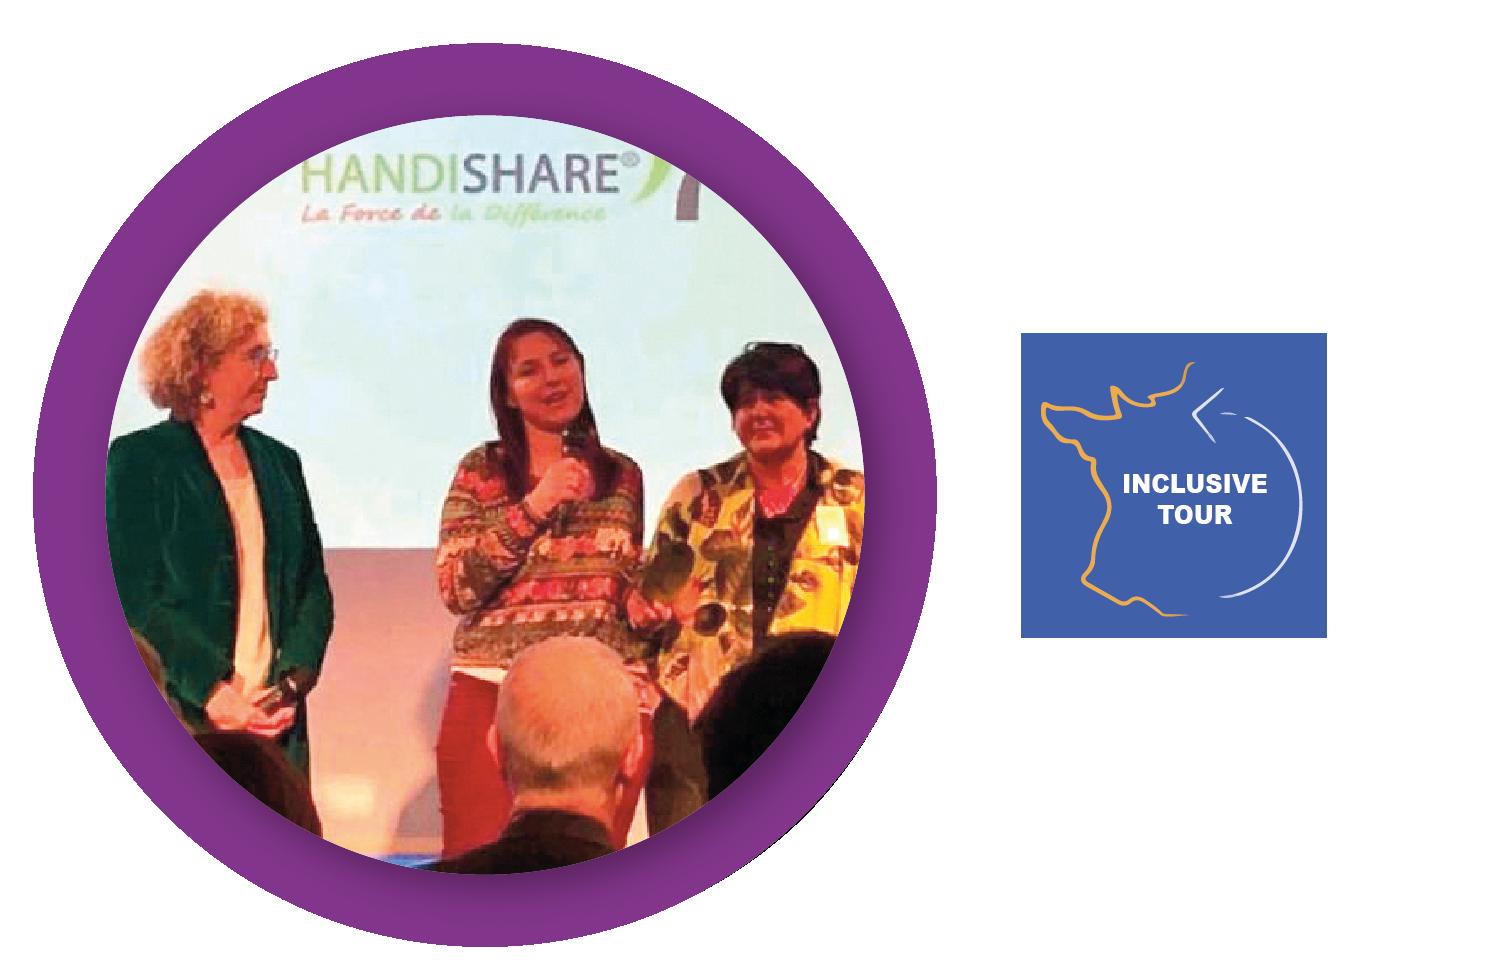 2020 : Trophée du recrutement Inclusif, remis par Muriel PENICAUD lors de l'inclusive tour